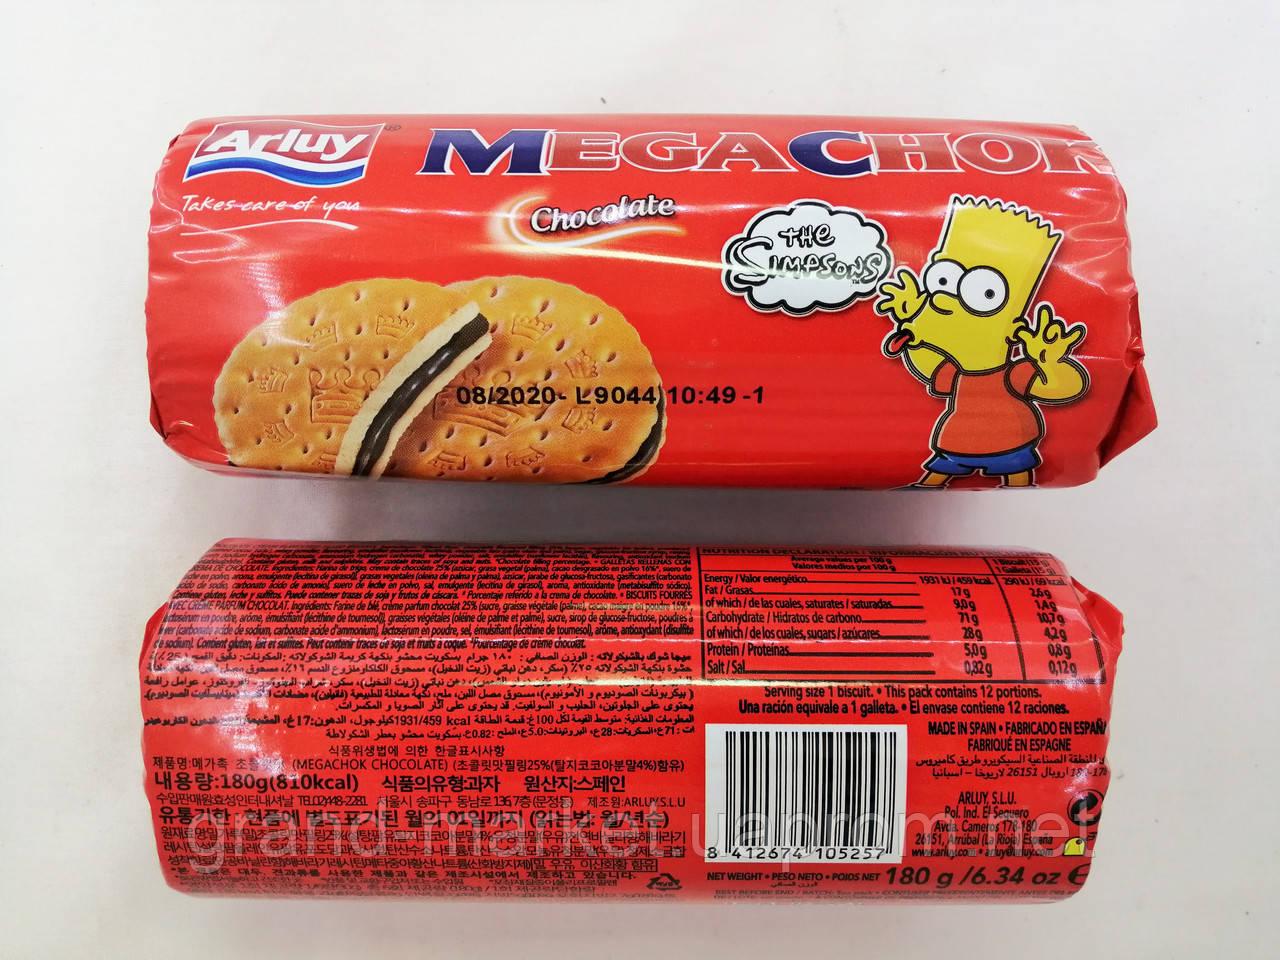 Печенье сэндвич Arluy Megachok the Simpsons с шоколадной начинкой 180 г